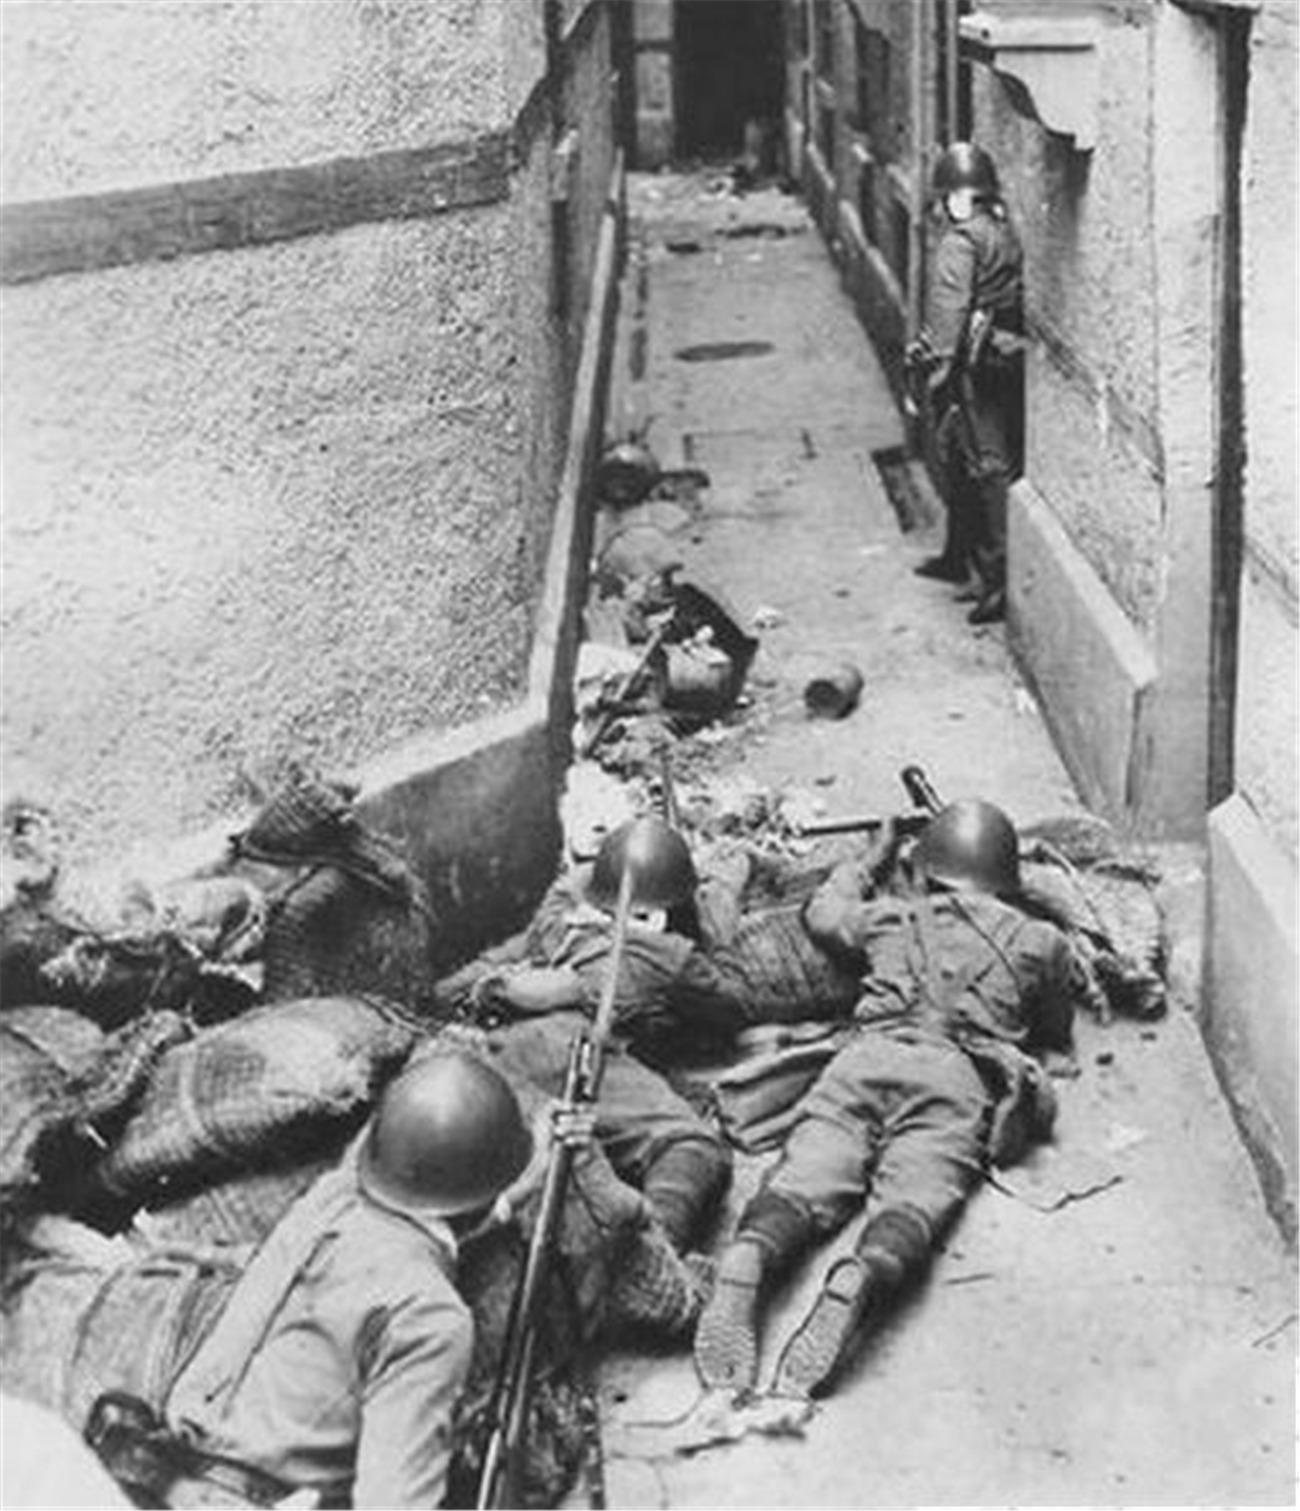 淞沪会战惨烈场景:15位将军殉国85个师被拼光,一寸山河一寸血!